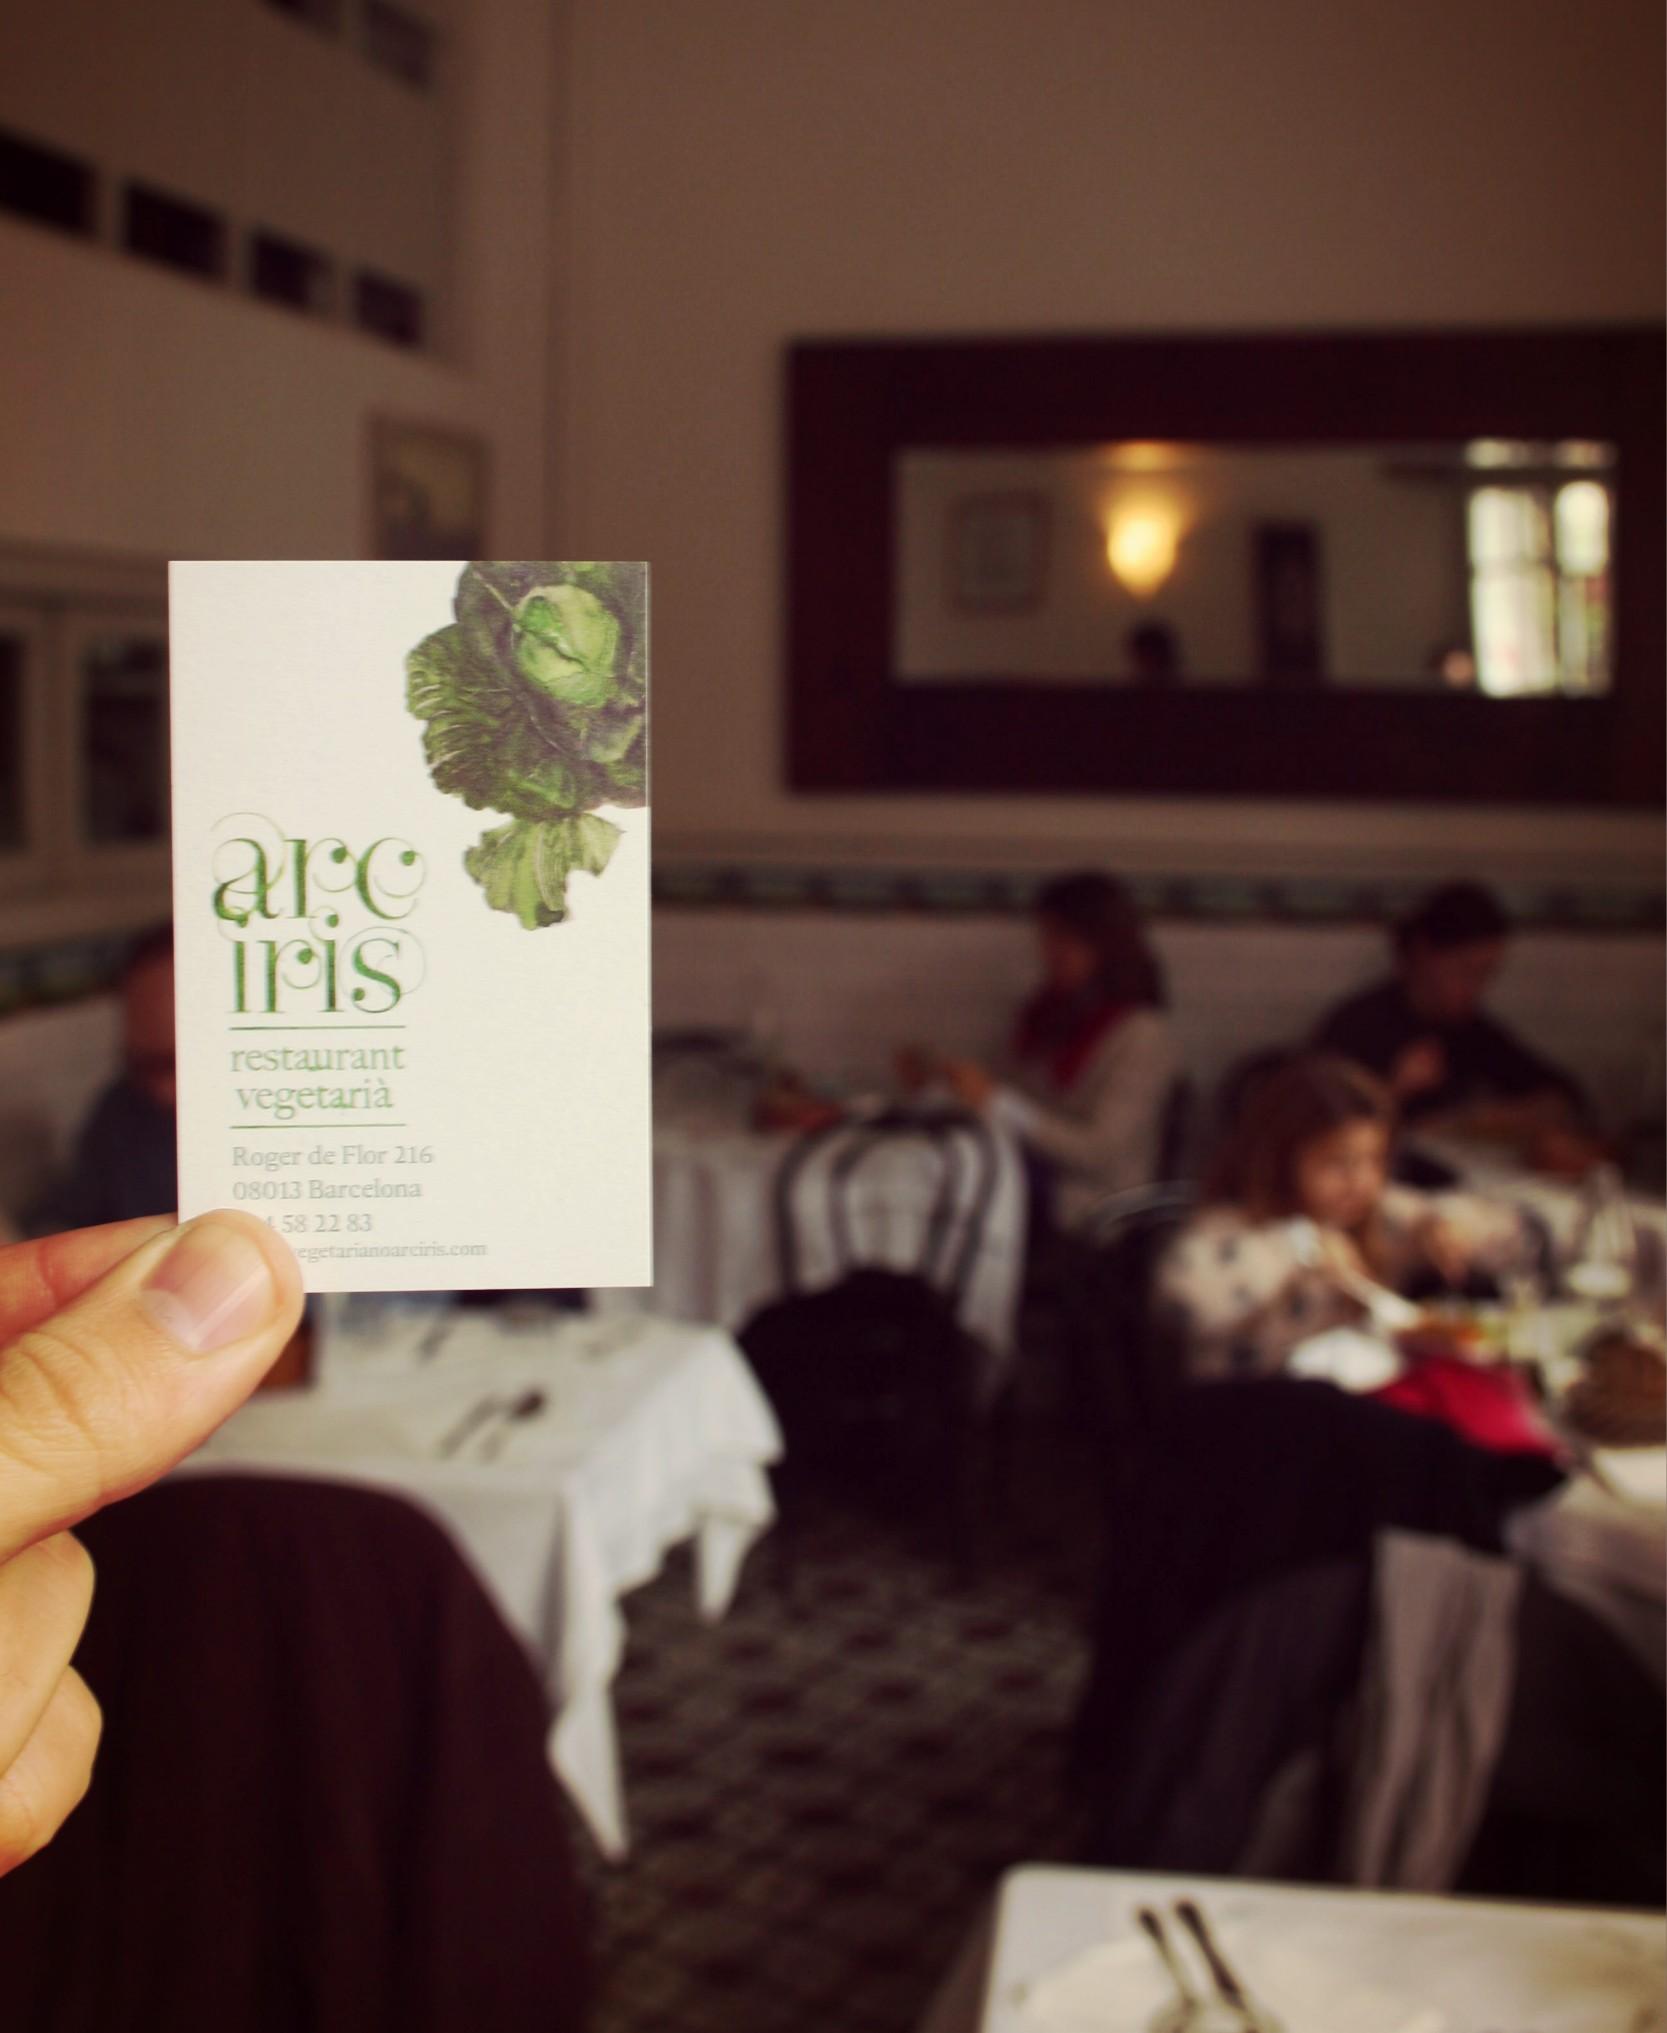 Arc Iris restaurant